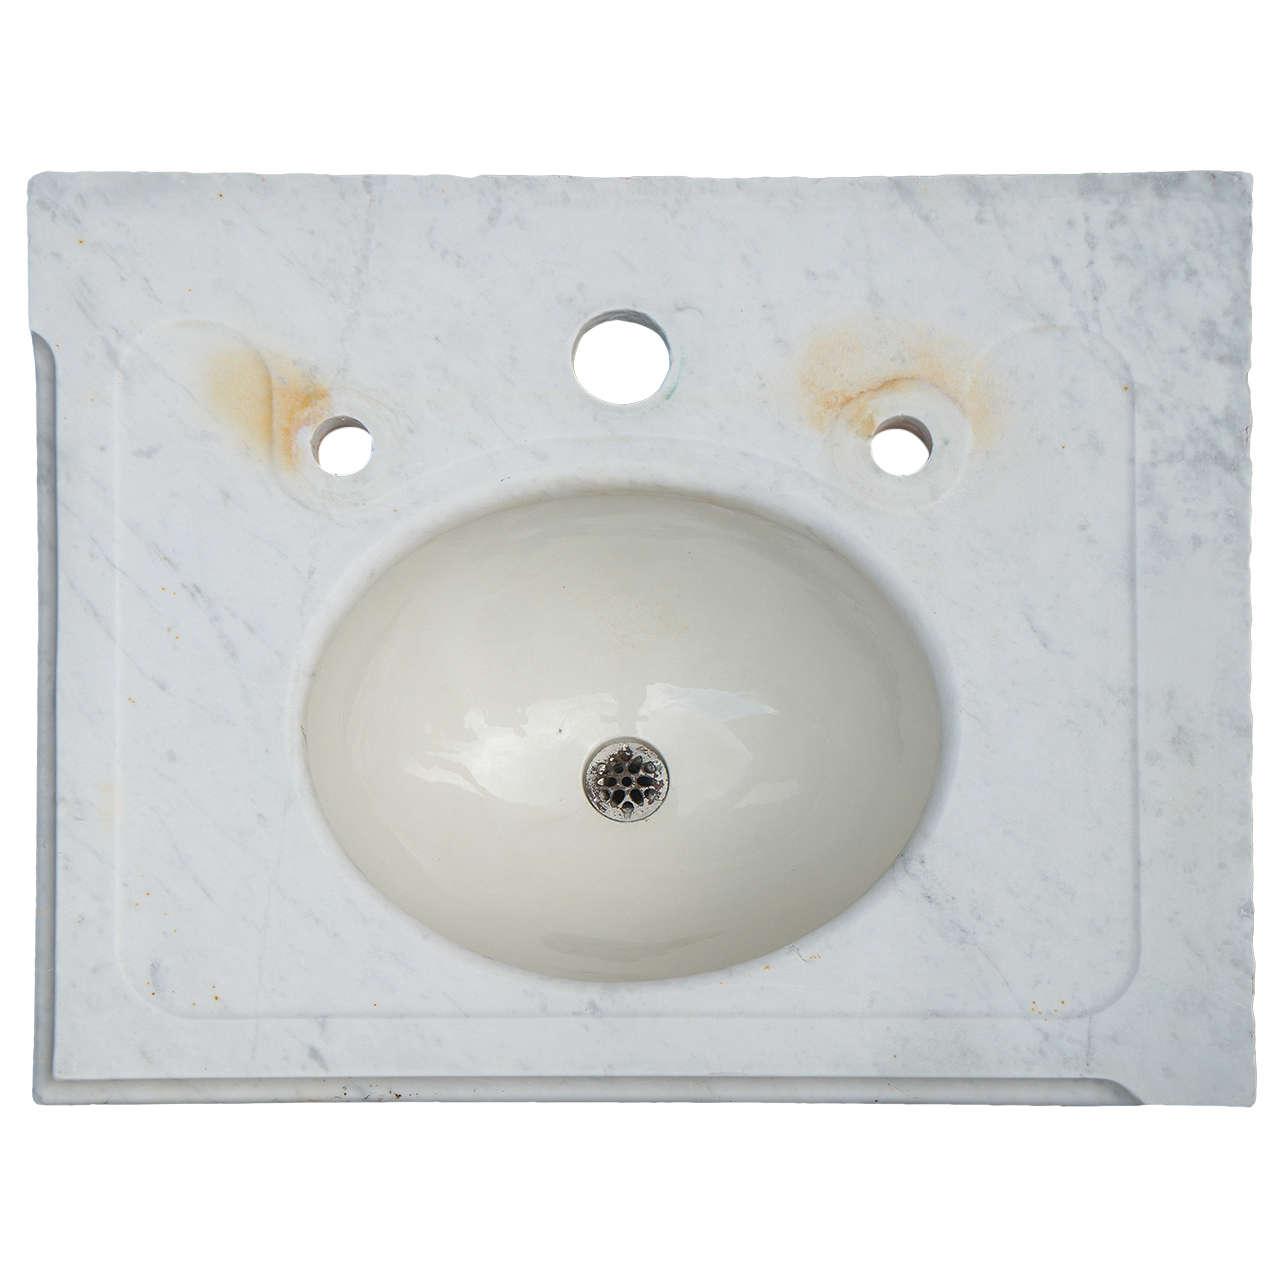 Vintage Marble Vanity Sink Top For Sale at 1stdibs